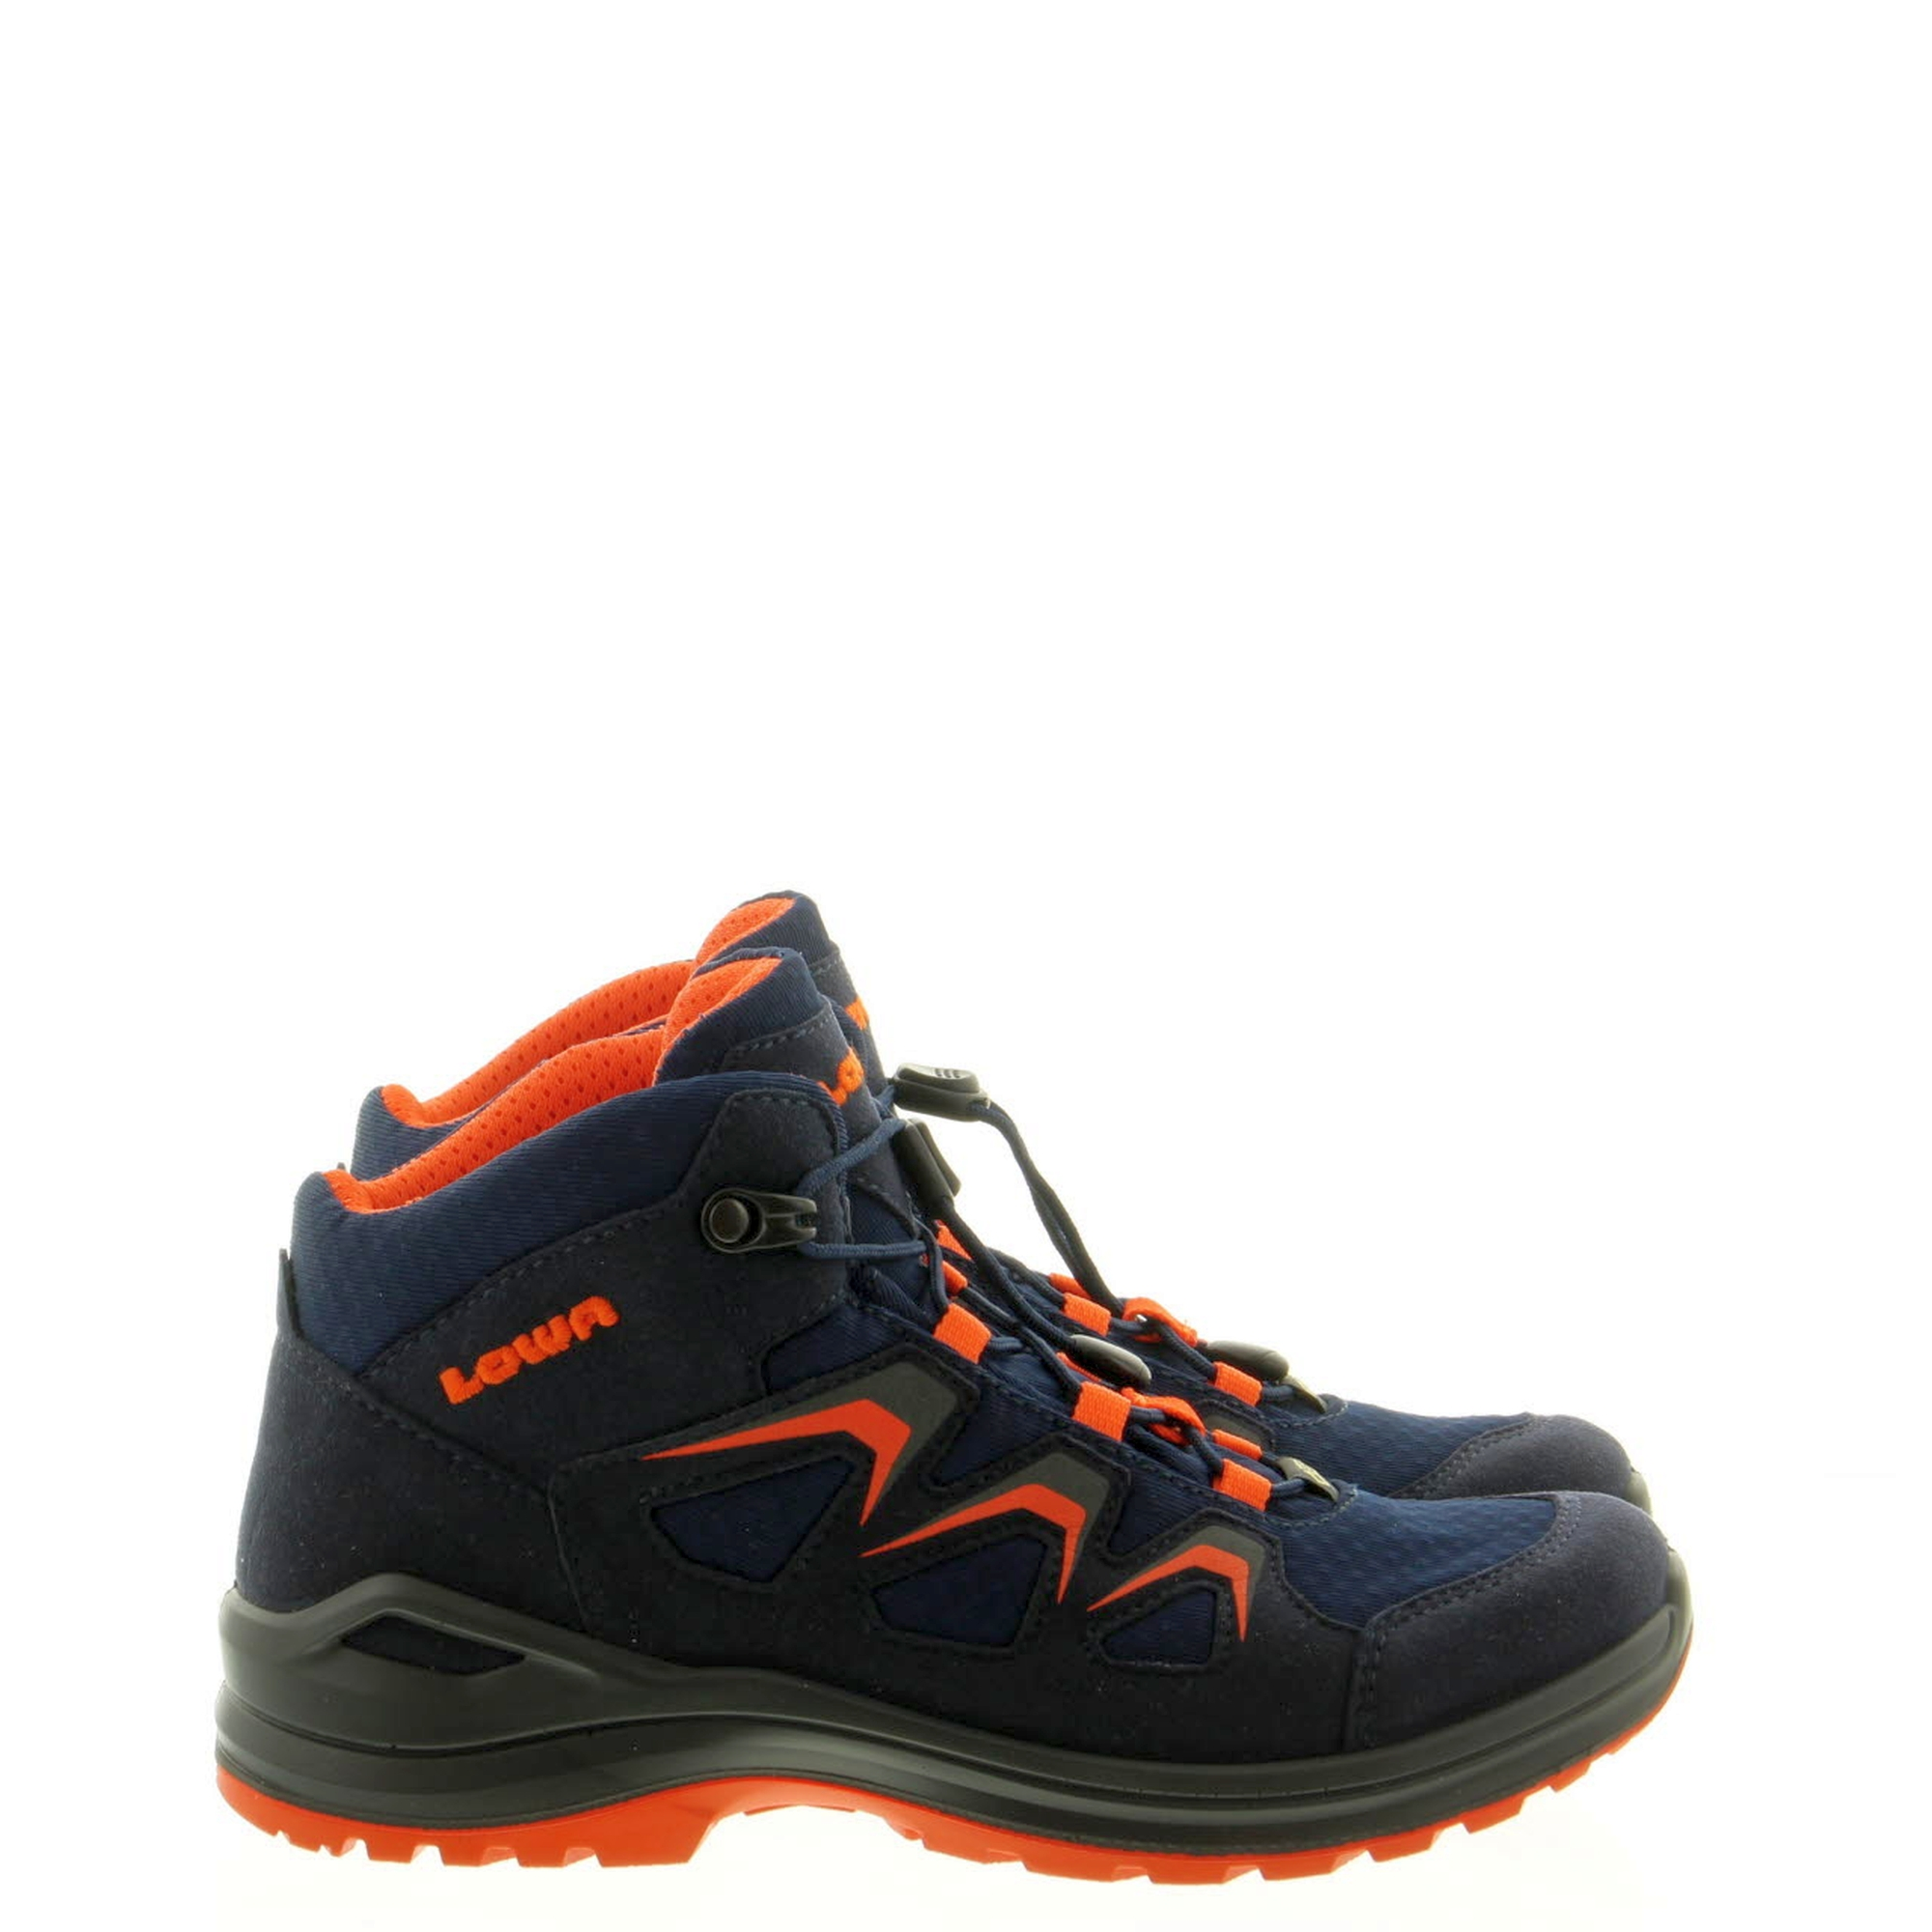 Lowa Innox Evo GTX Qc Jr 340-350126 6910 Navy Orange